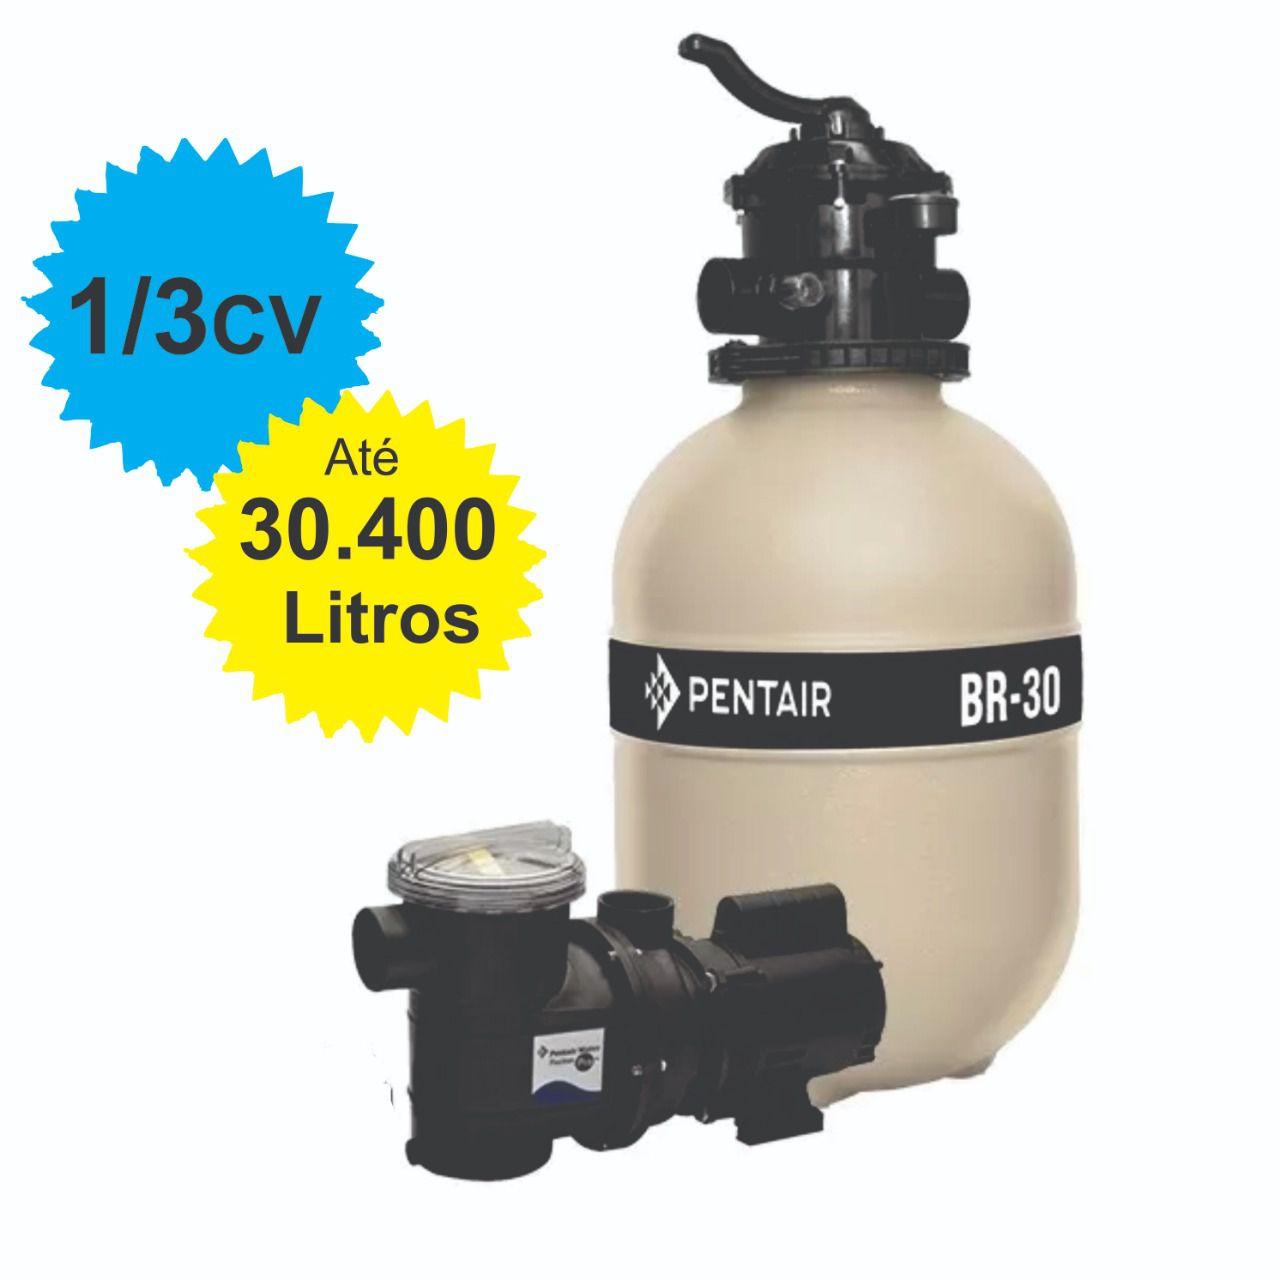 Filtro e Bomba 1/3CV Pentair BR-30 Piscina até 30.400 Litros